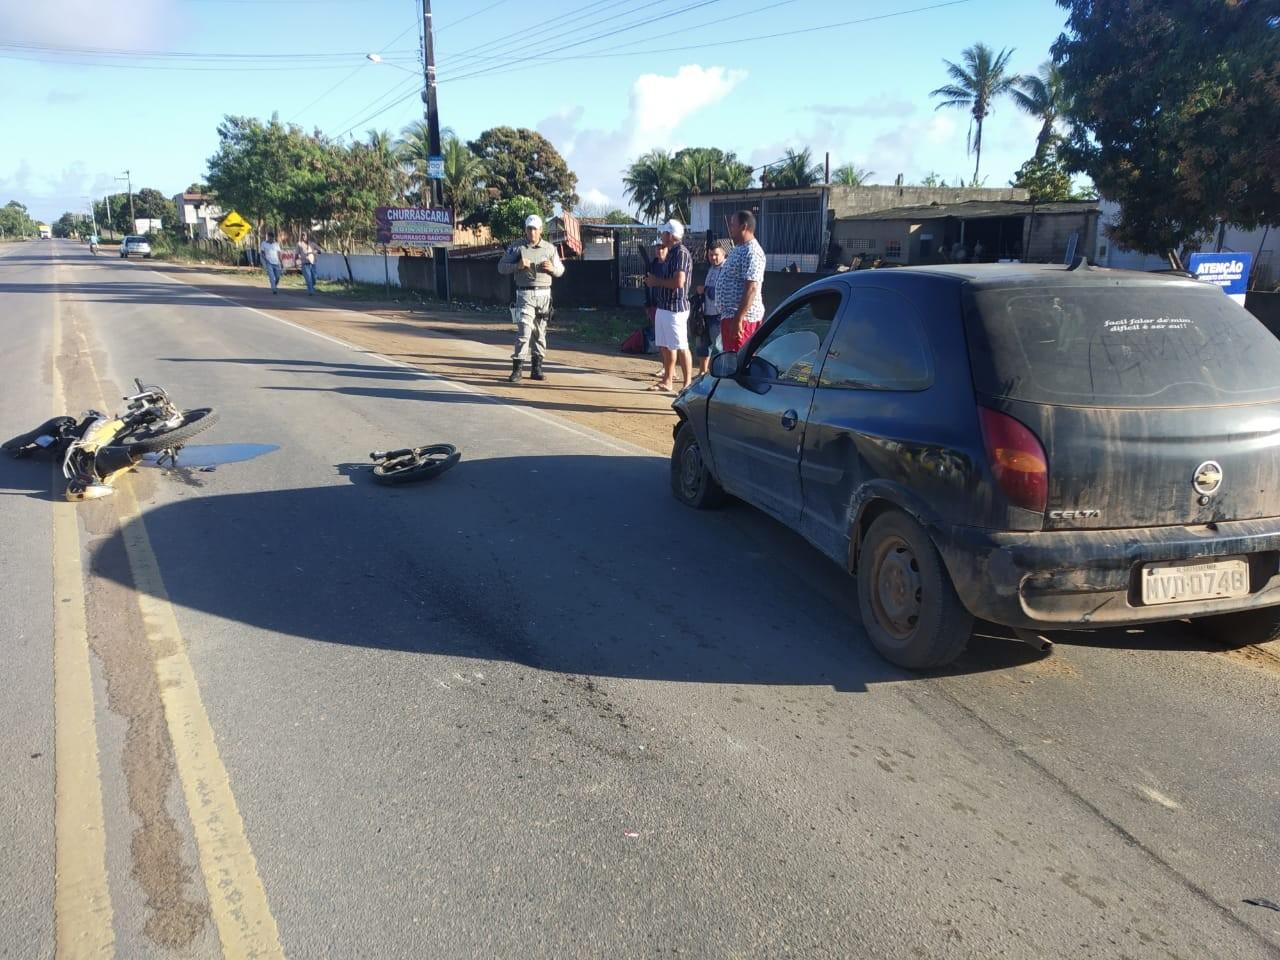 Motociclista fica ferido em colisão na AL-110, em Arapiraca - Notícias - Plantão Diário